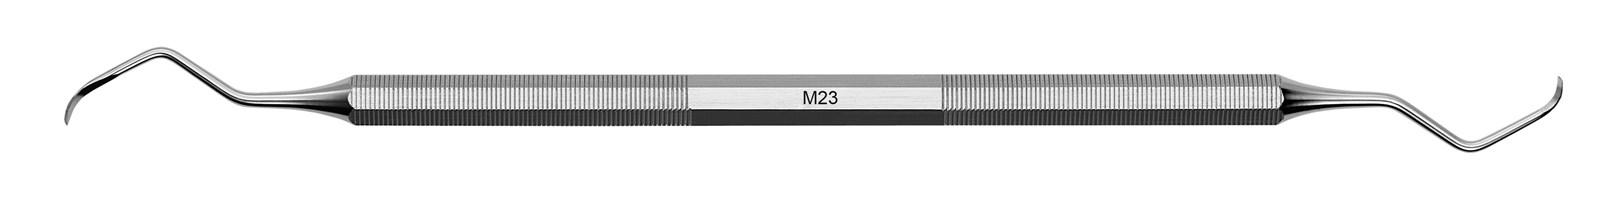 Scaler univerzální - M23, ADEP růžový